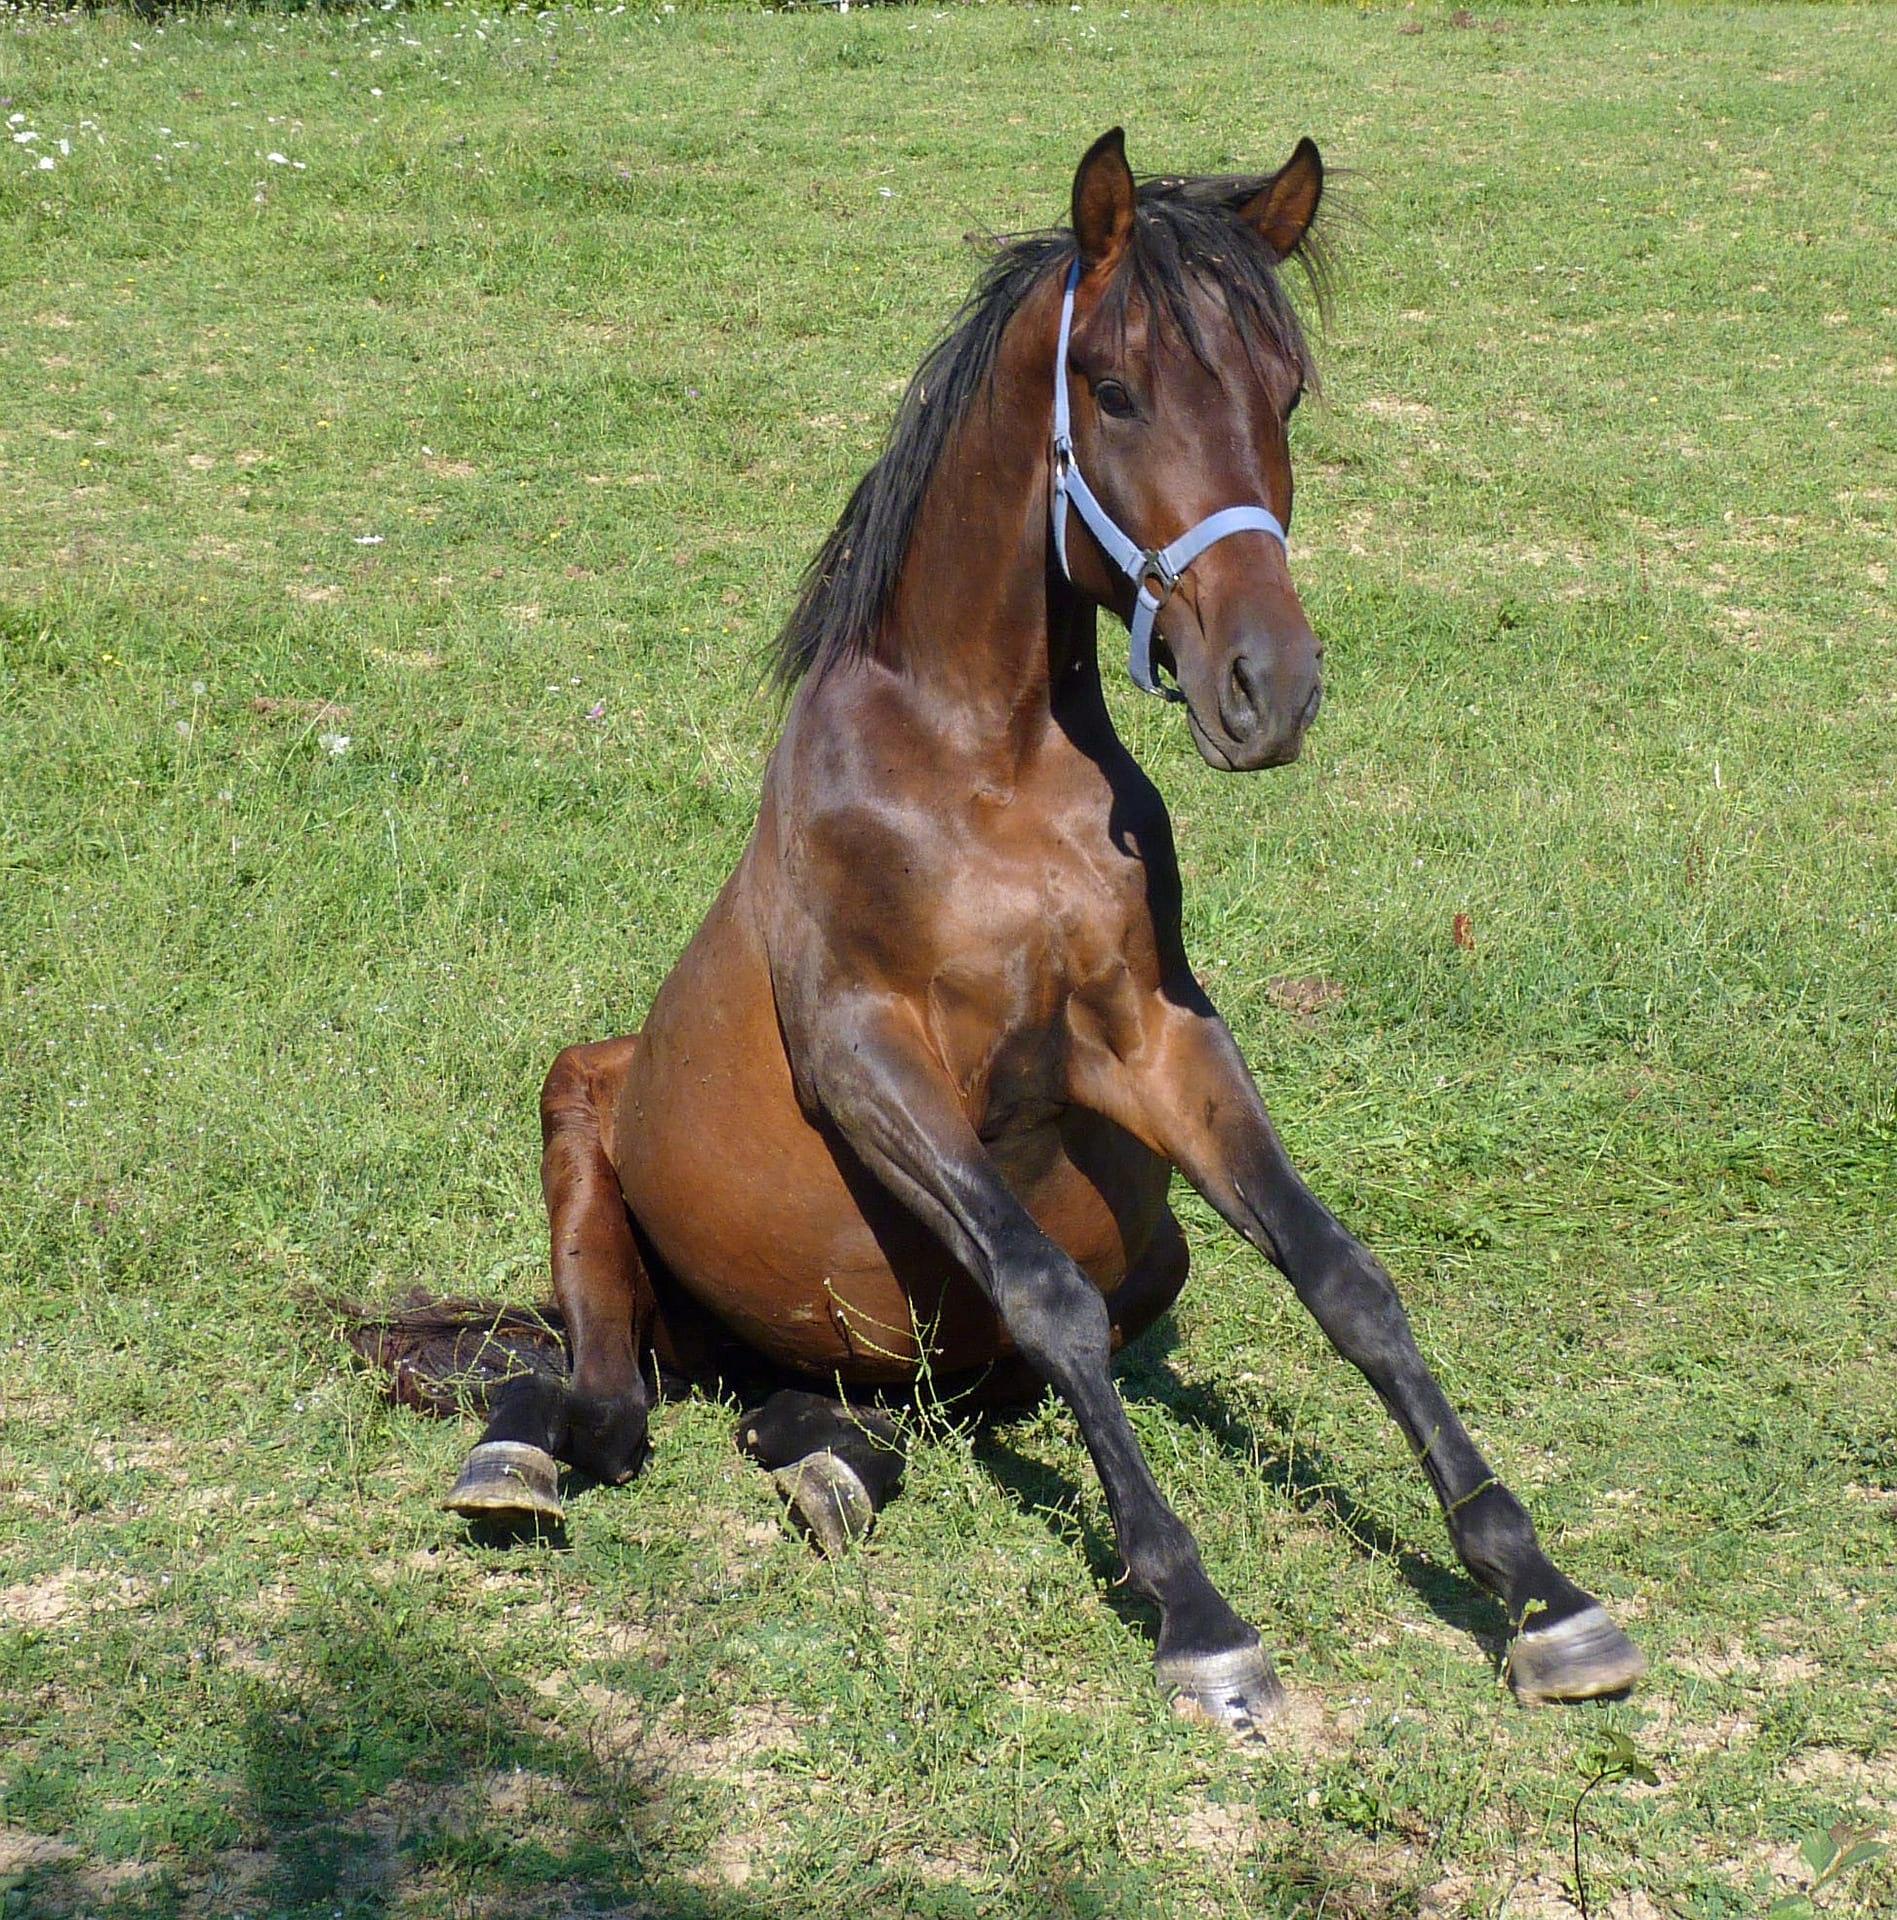 horse-1665672_1920 - P-O Life